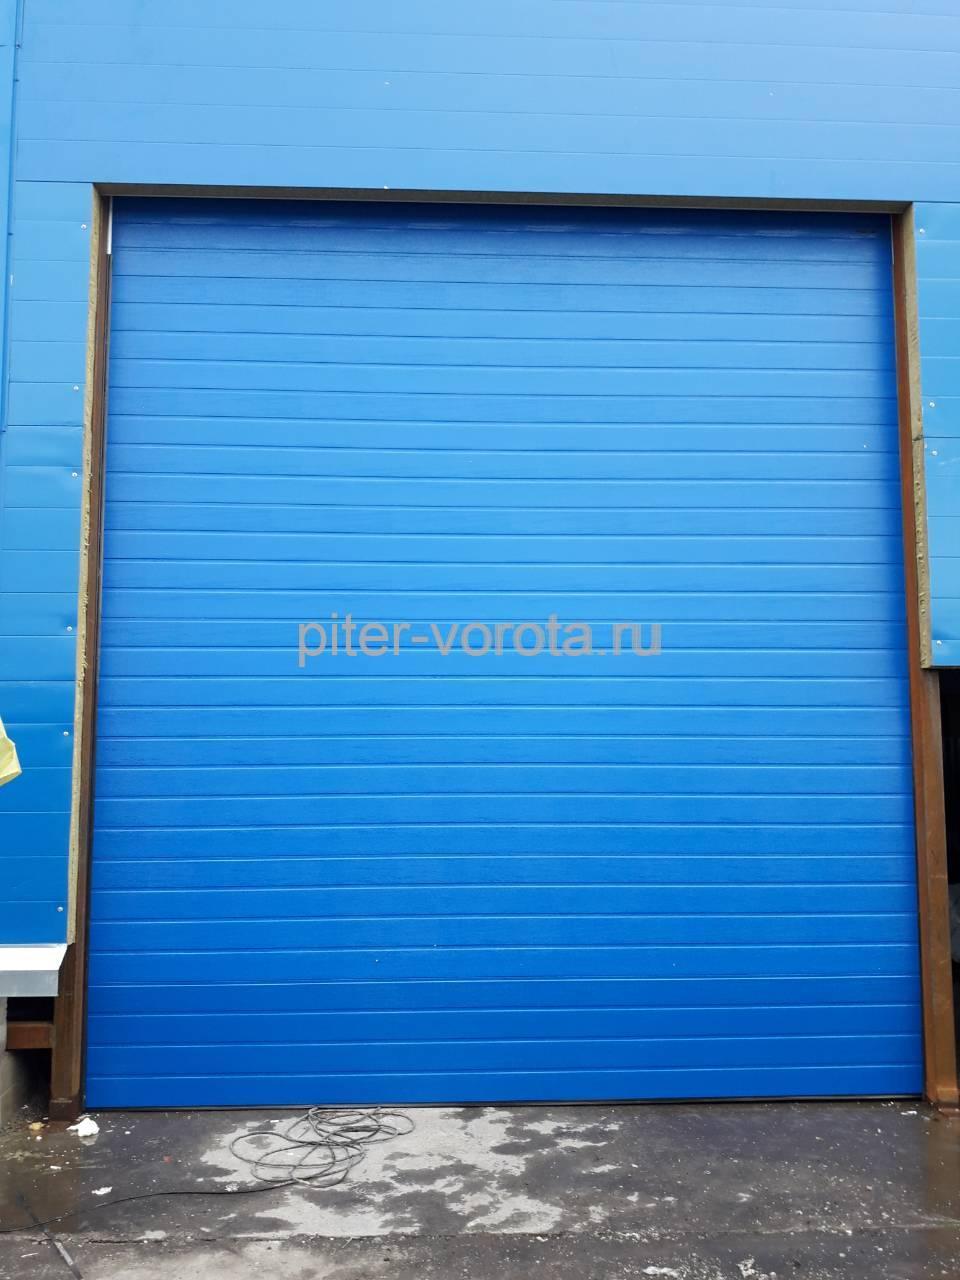 Промышленные подъёмно-секционные ворота Doorhan ISD01 в Мурино